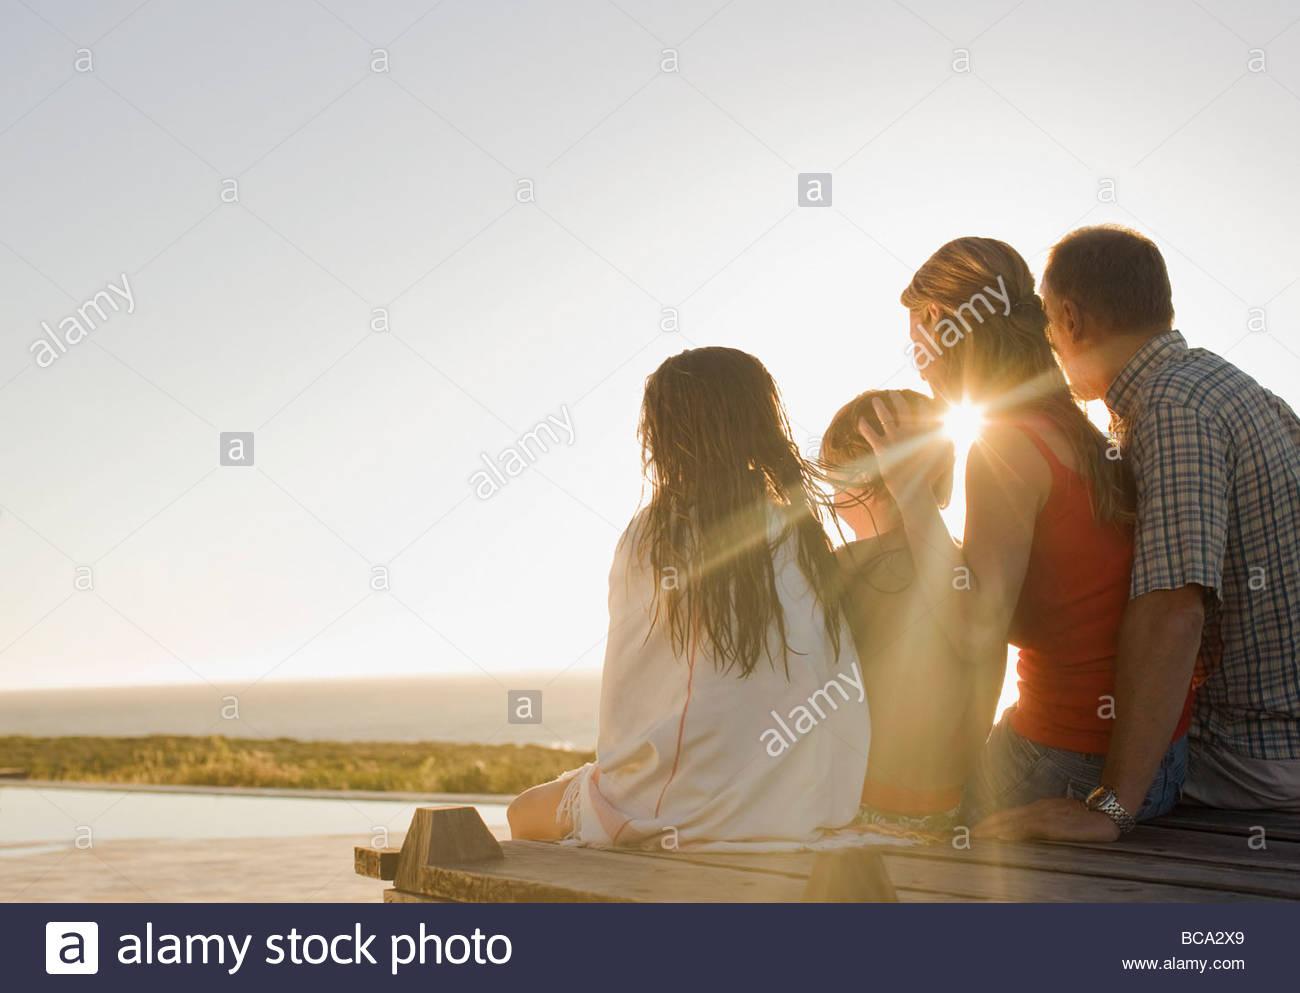 Famiglia seduta sul ponte nel sole del pomeriggio Immagini Stock